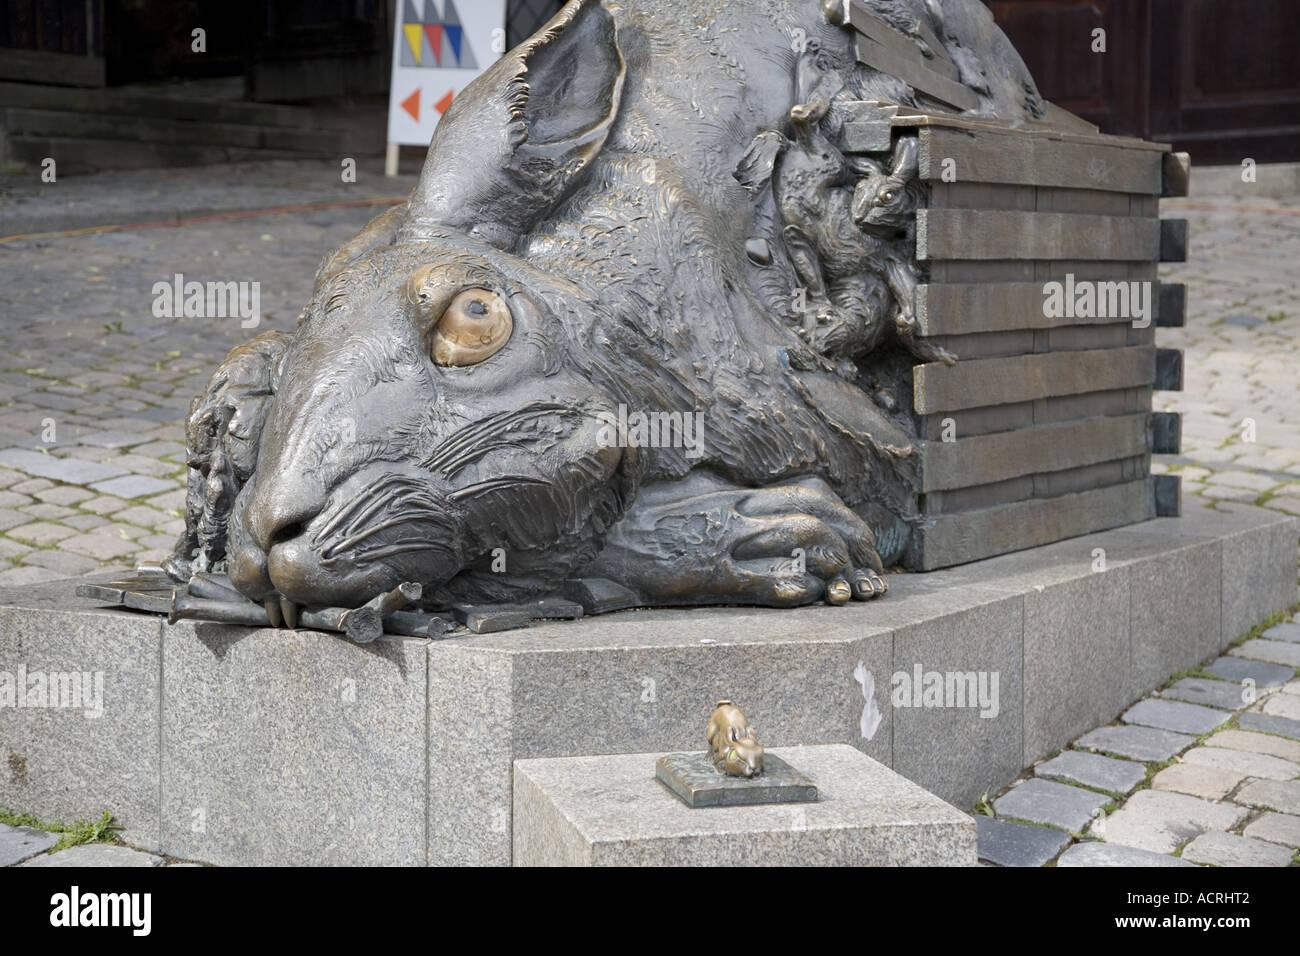 """""""Der Hase"""", eine Hommage an Dürer von Jürgen Goetz 1984, Bronze-Skulptur, Tiergärtnerplatz, Stockbild"""